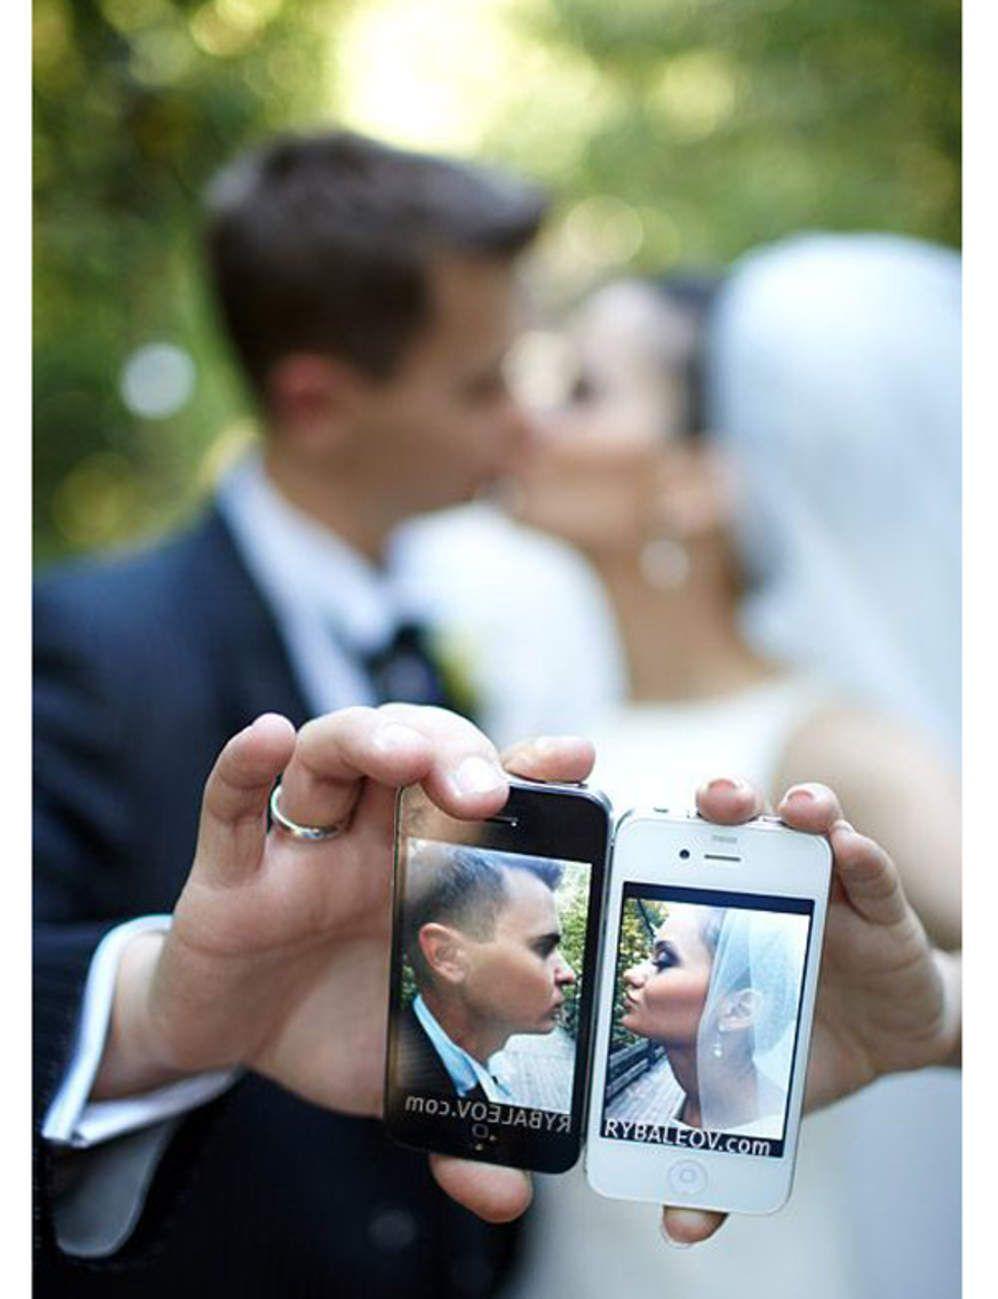 Trompe l 39 oeil mariage 10 id es de photos de couple originales coupl - Idees mariages originales ...